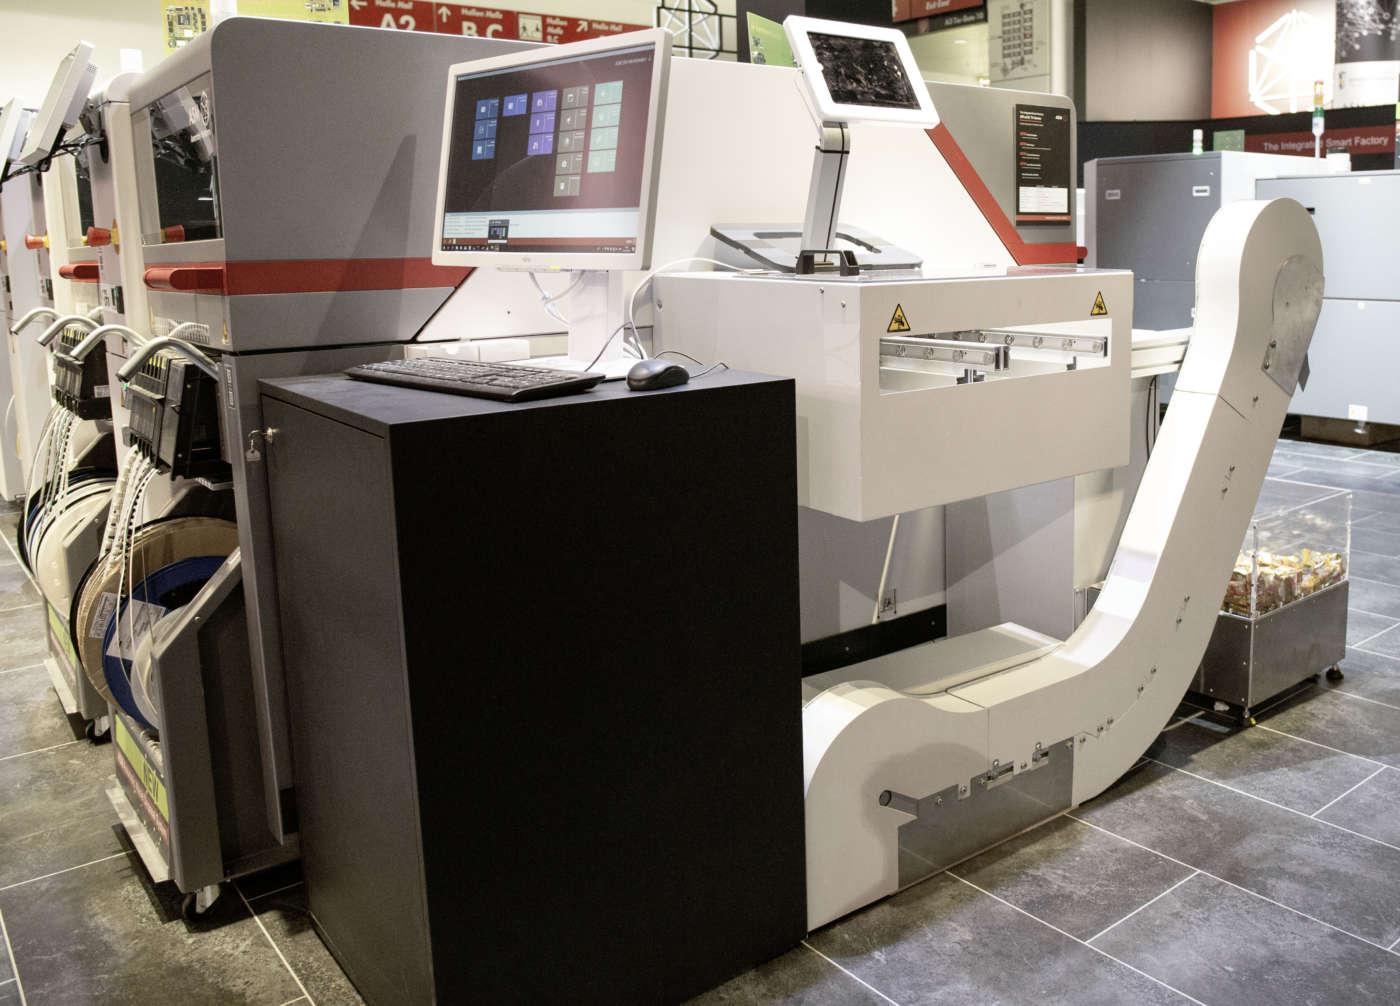 Il sistema modulare ASM per la rimozione automatica dei rifiuti di nastro dalle p&p ad un contenitore che può essere facilmente raccolto e sostituito da un AGV